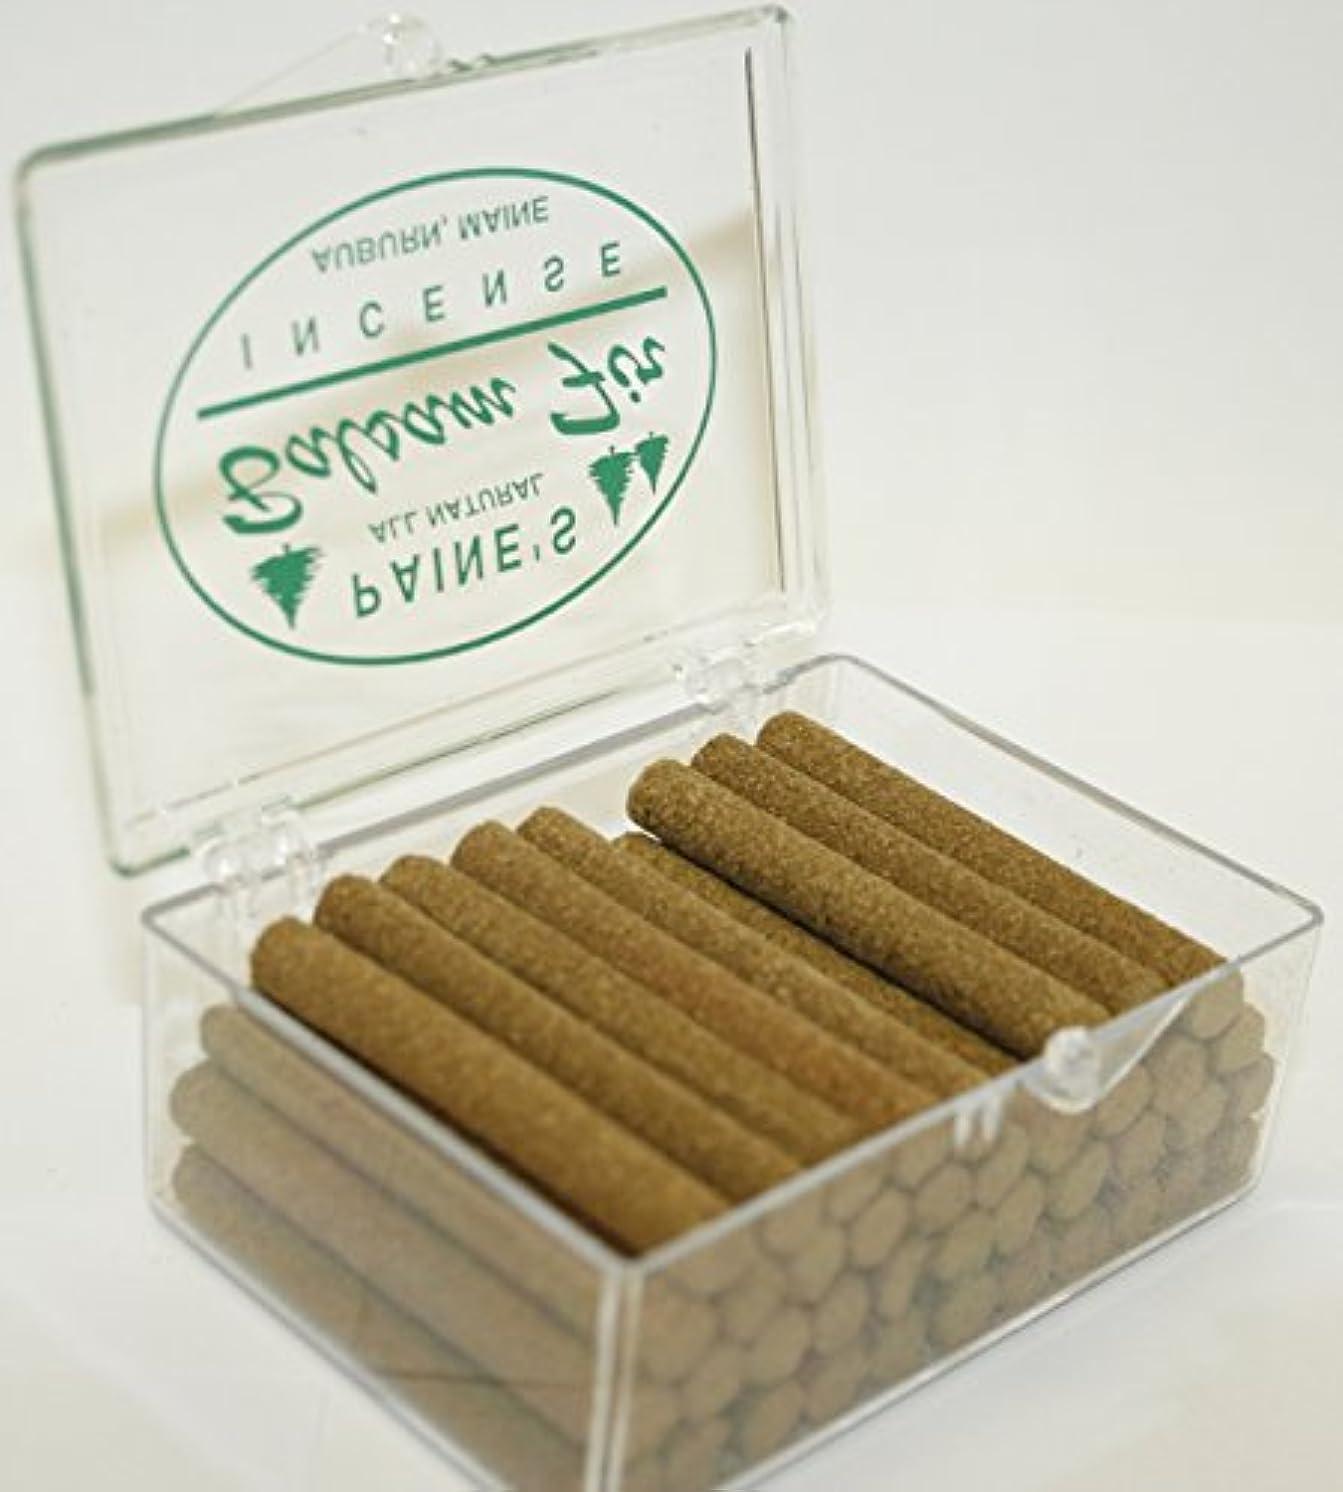 会話分解するはがきお香リフィル40 Balsam Fir Sticks to BurnロッジスタイルSachet香りつきパインログ